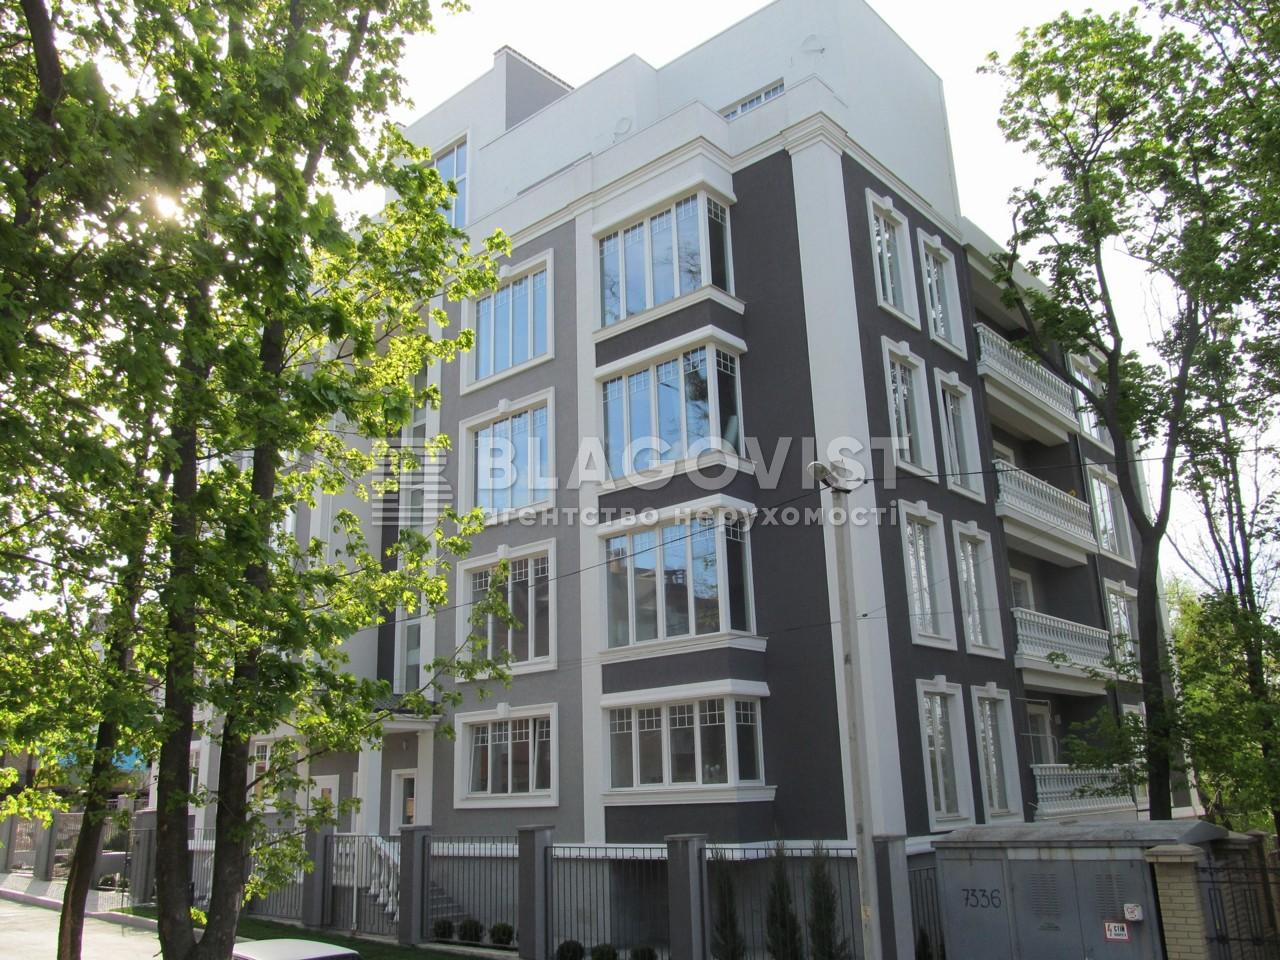 Квартира C-108084, Шмидта Отто, 10ж, Киев - Фото 3